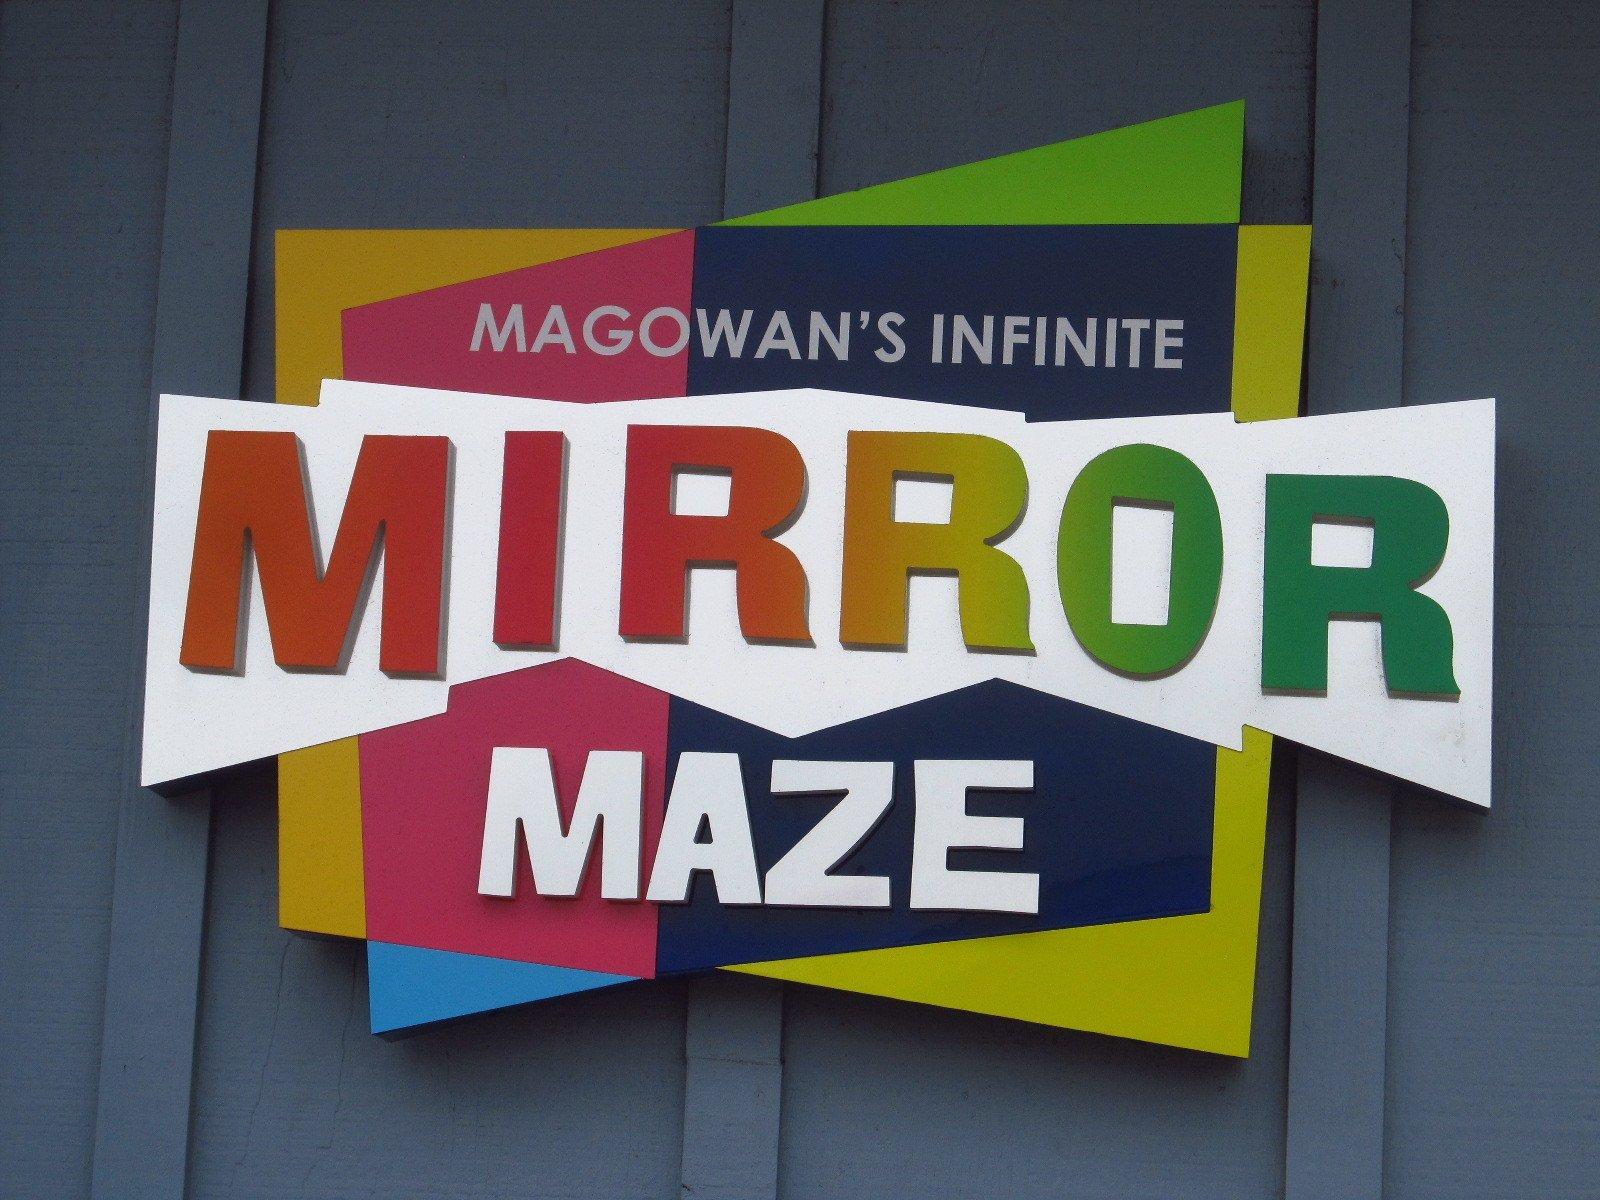 Magowan's Infinite Mirror Maze